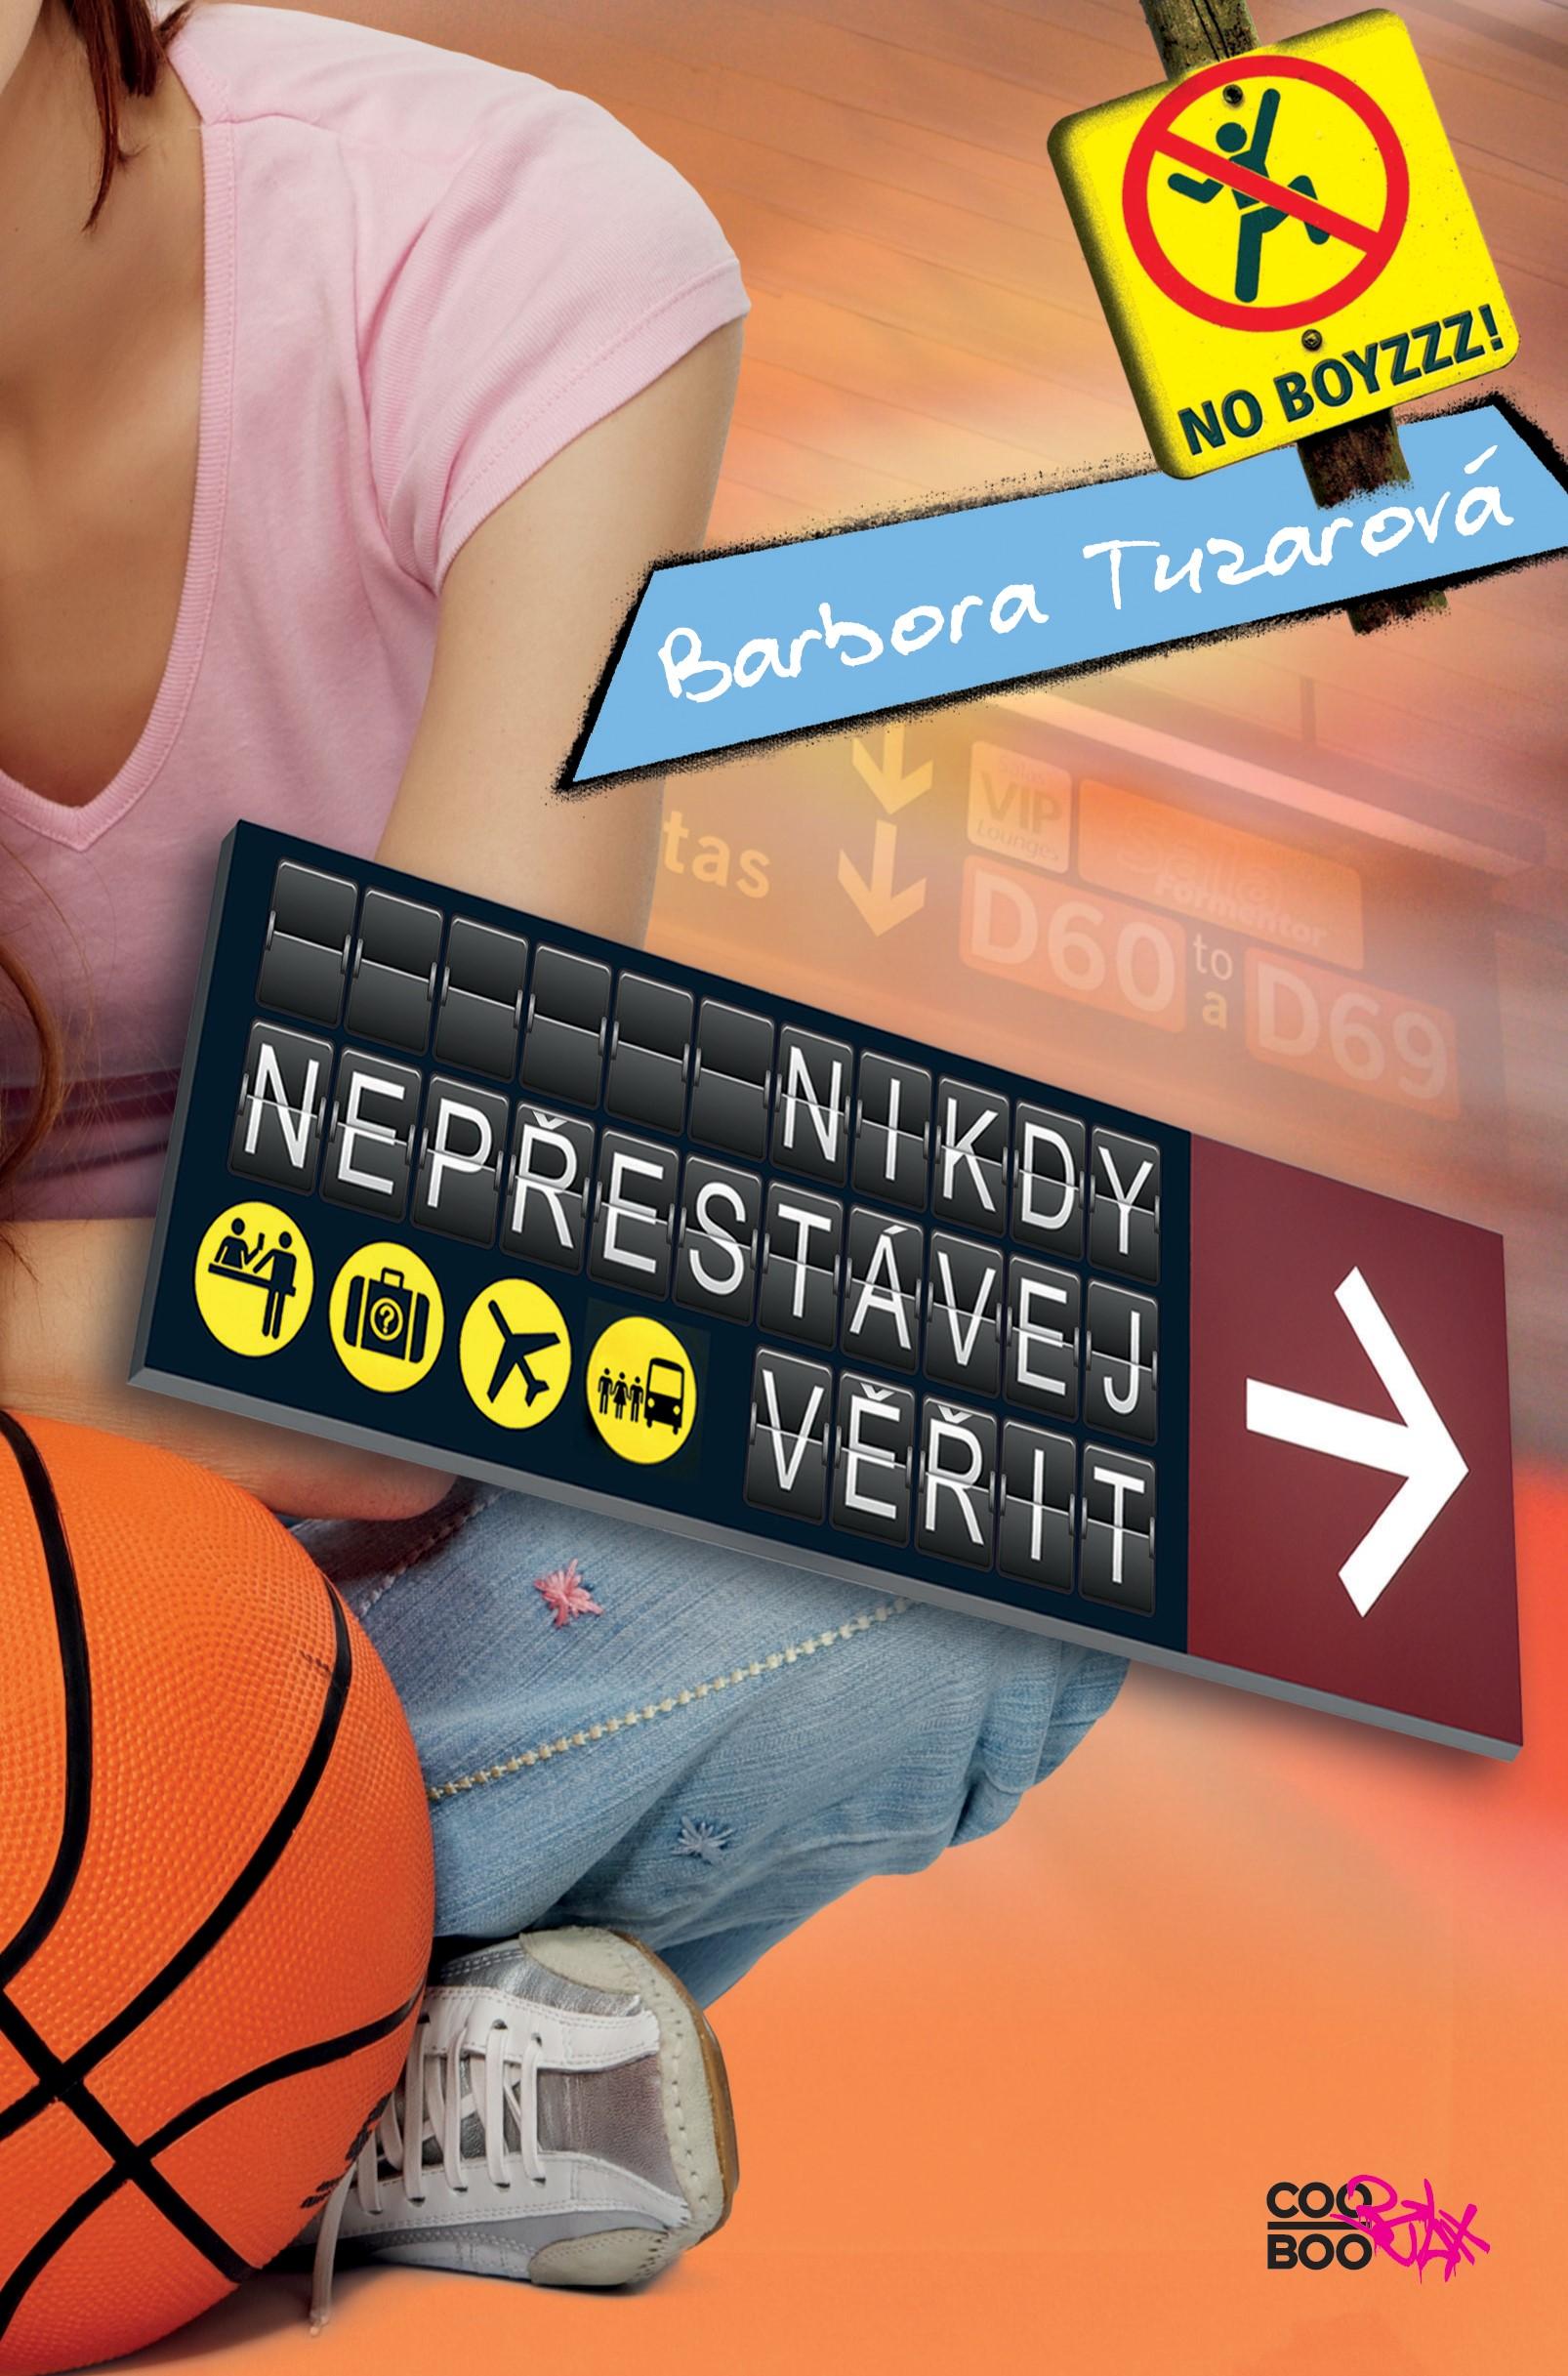 Nikdy nepřestávej věřit | Barbora Tuzarová